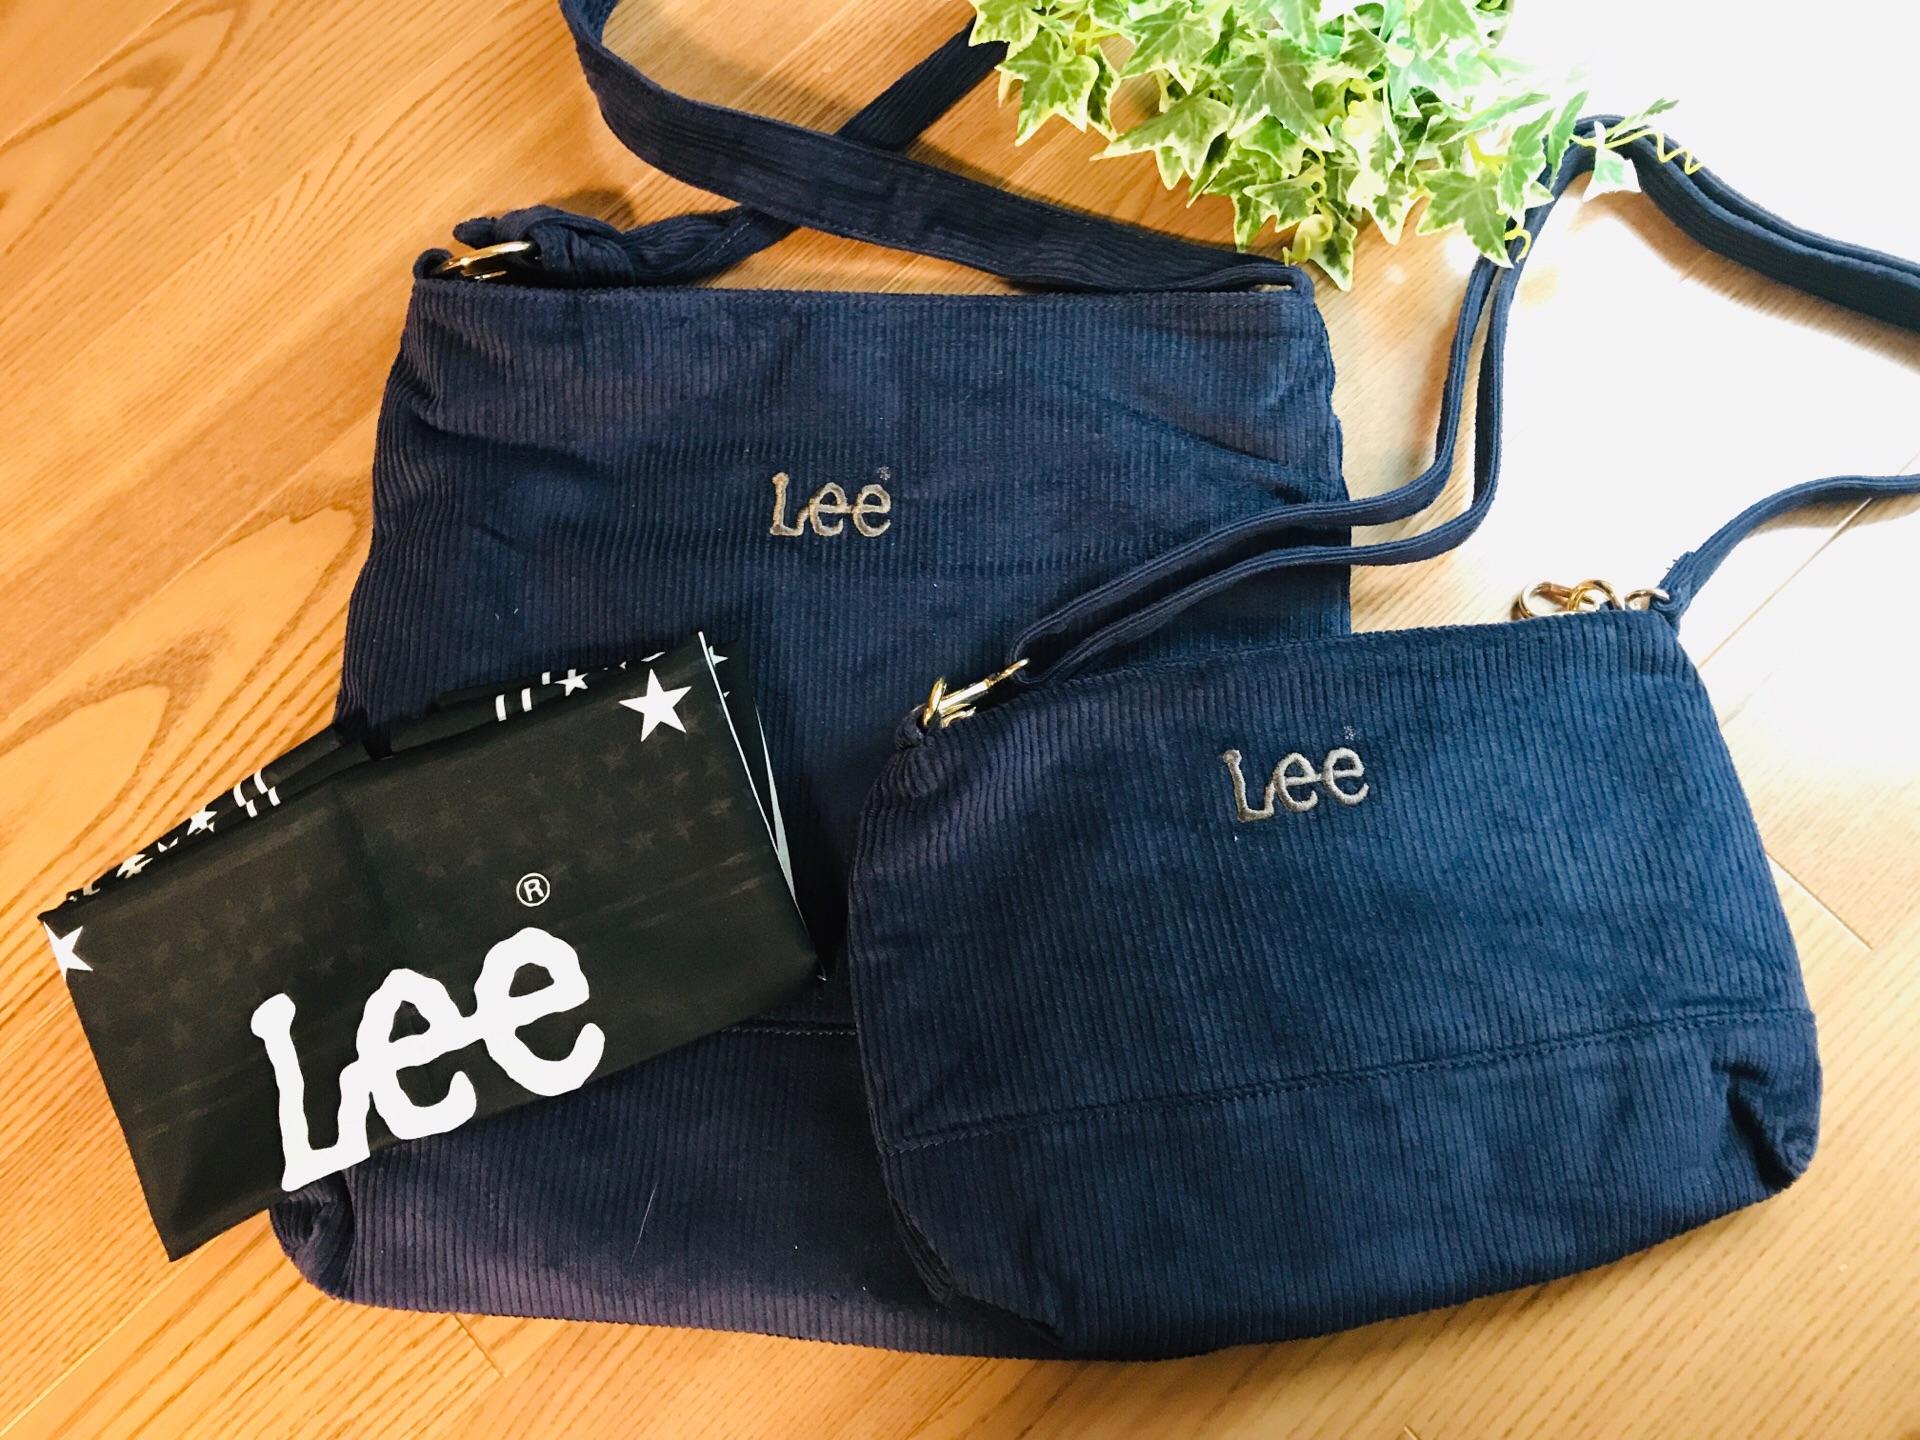 【Lee×SMIR NASLI】年明けSALEが安い!コラボバッグを《半額》でGETしました♡_1